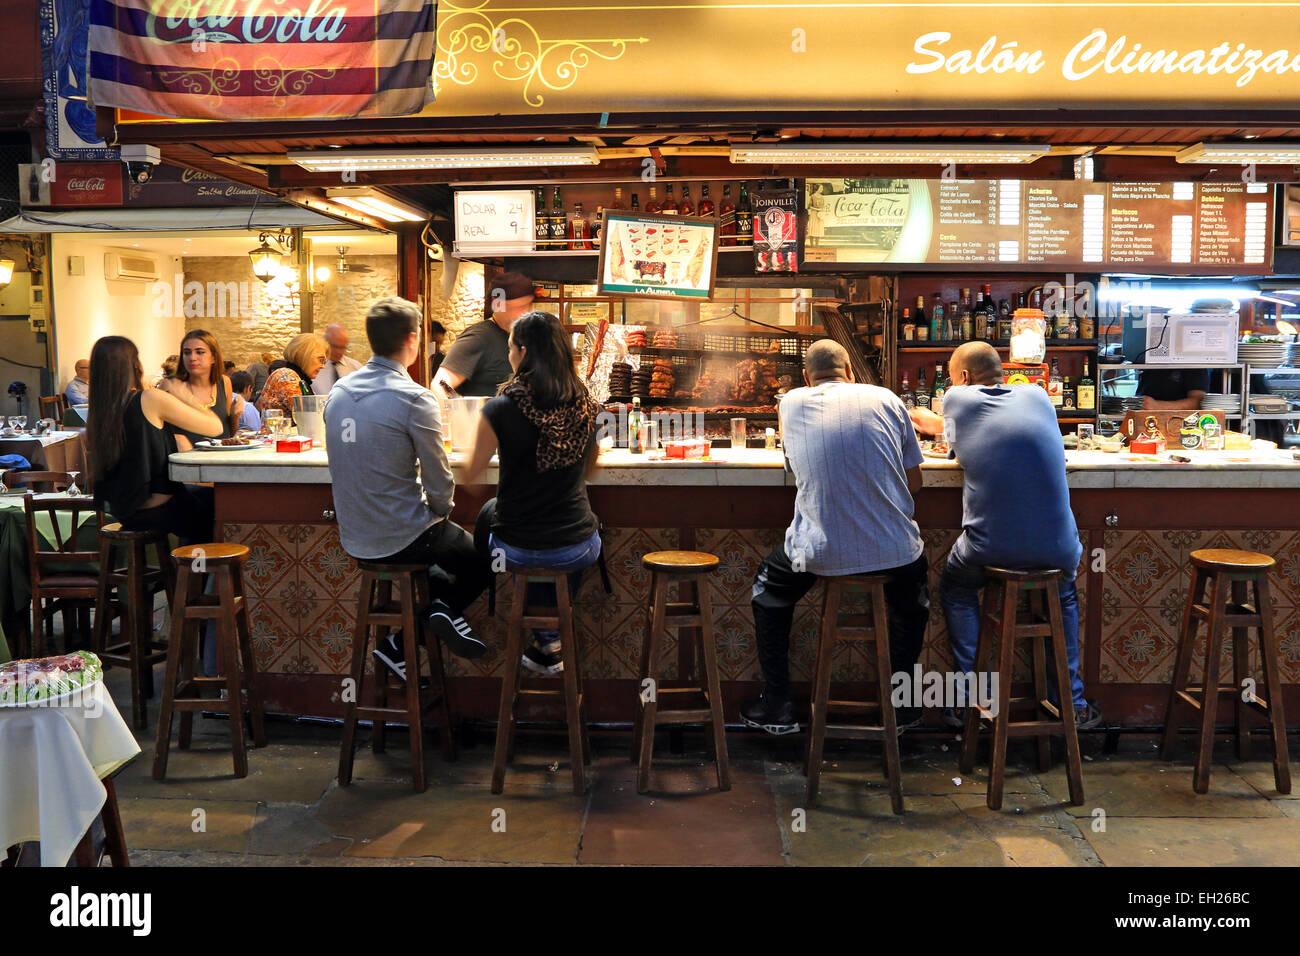 Montevideo Uruguay, Casco Antiguo Mercado del Puerto. Imagen De Stock